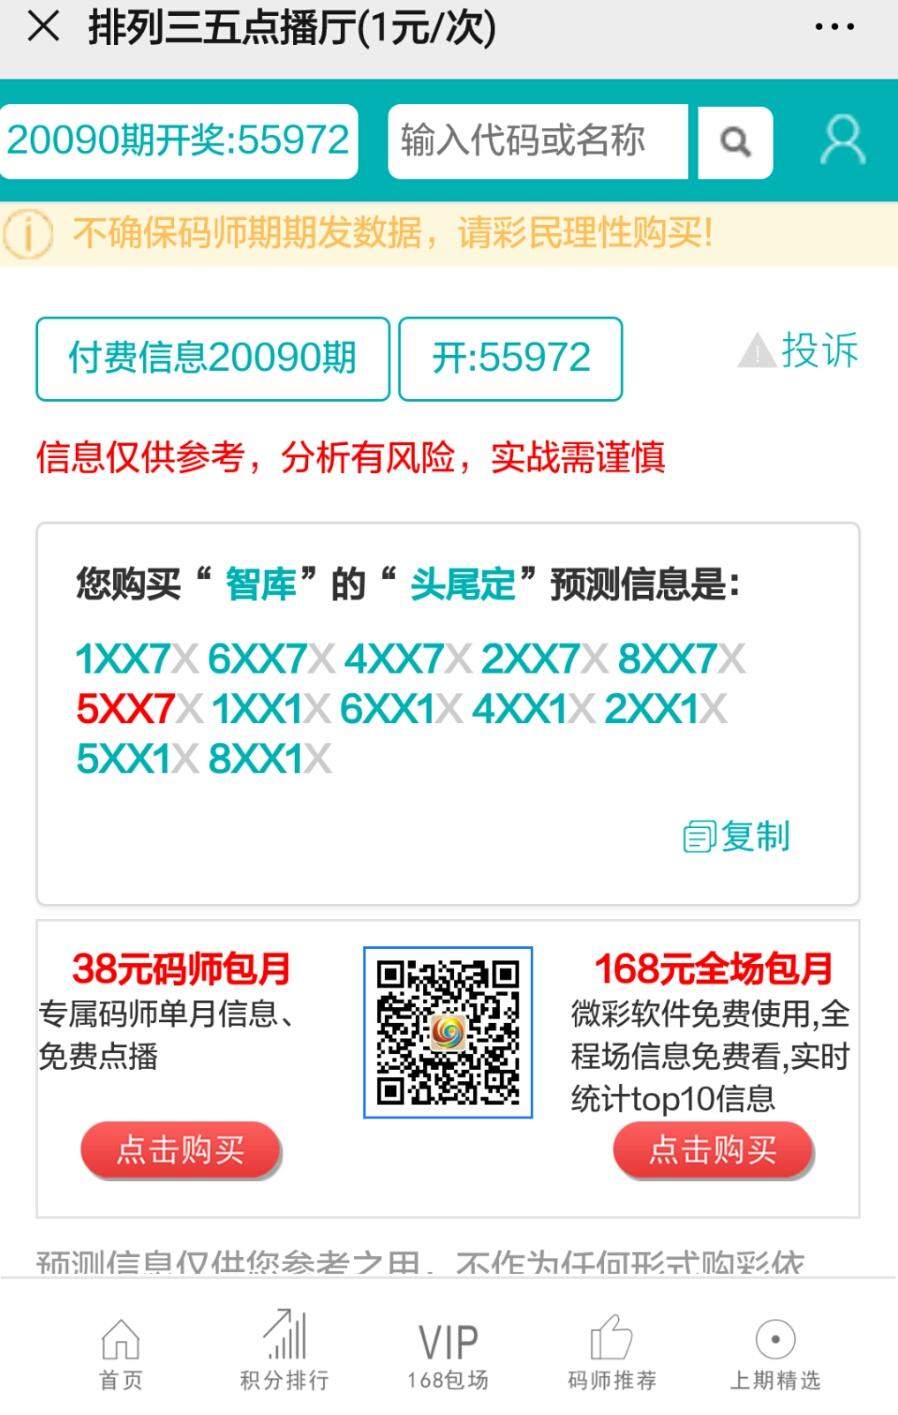 Screenshot_2020-05-19-21-20-24.jpg